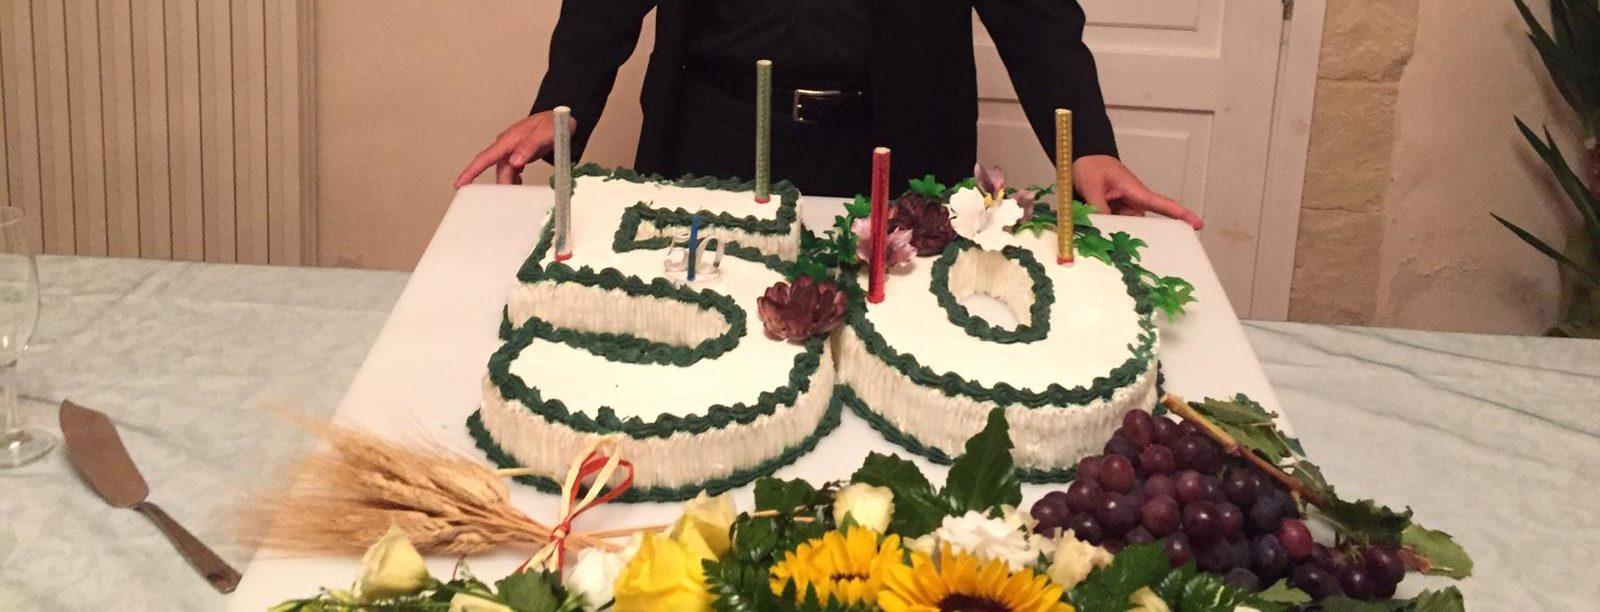 Festa al nostro Parroco don Sultana per i suoi 50 anni